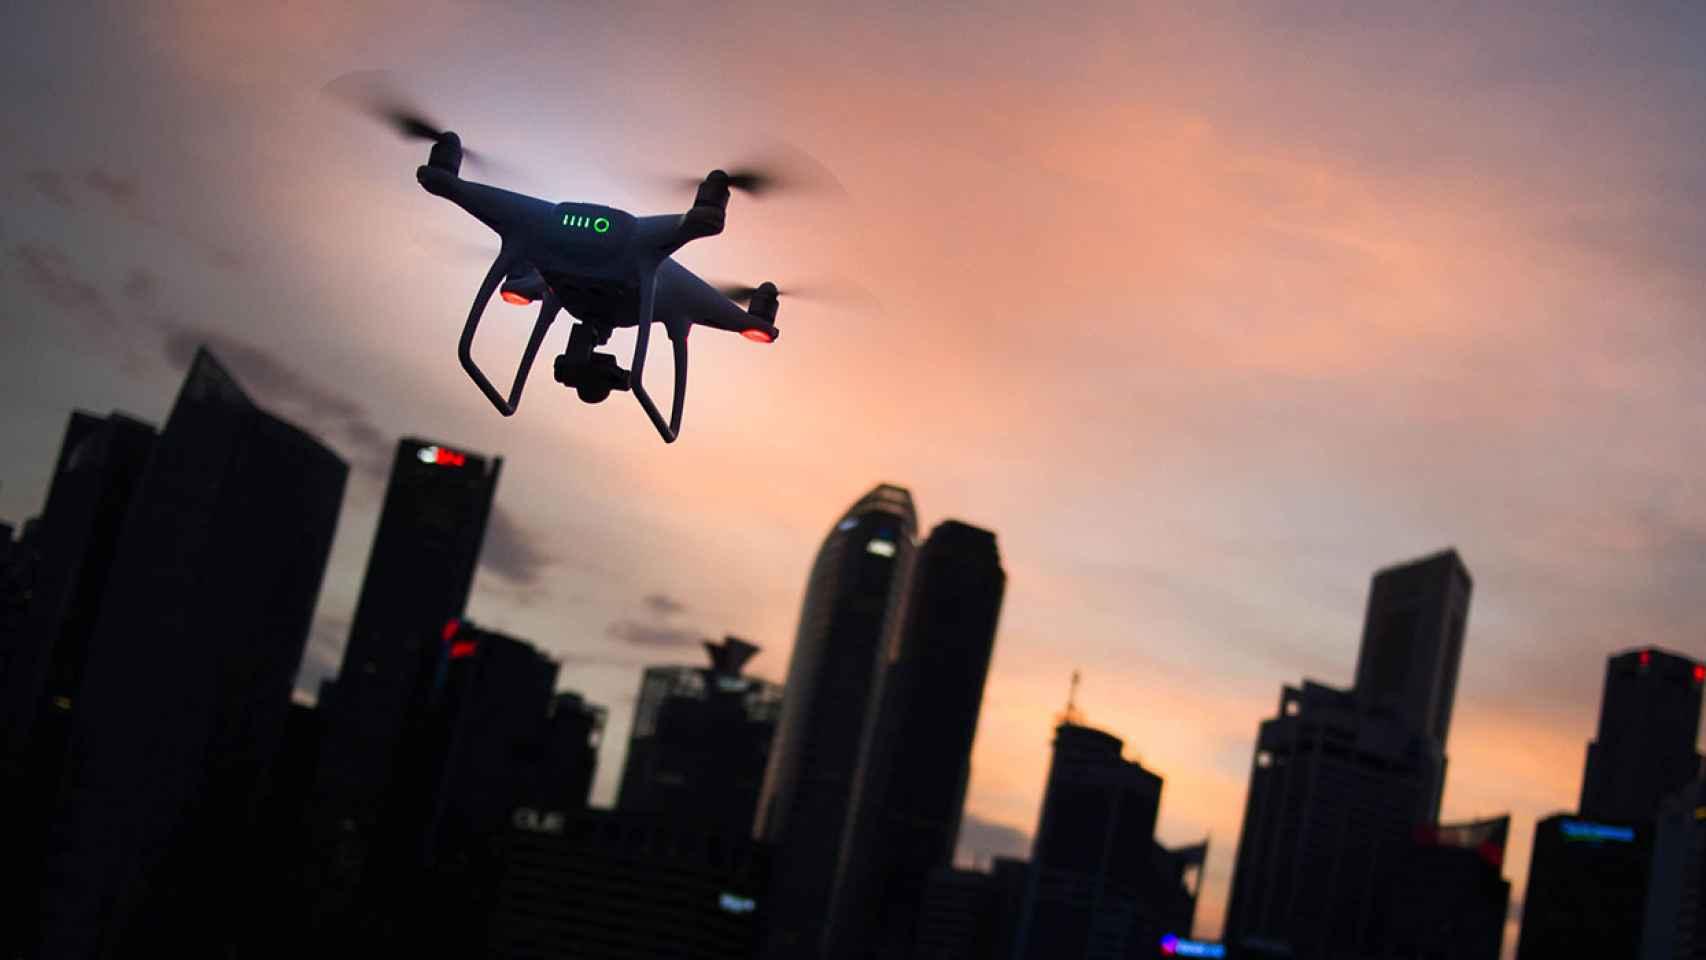 La normativa de los vuelos de drones sobre población.